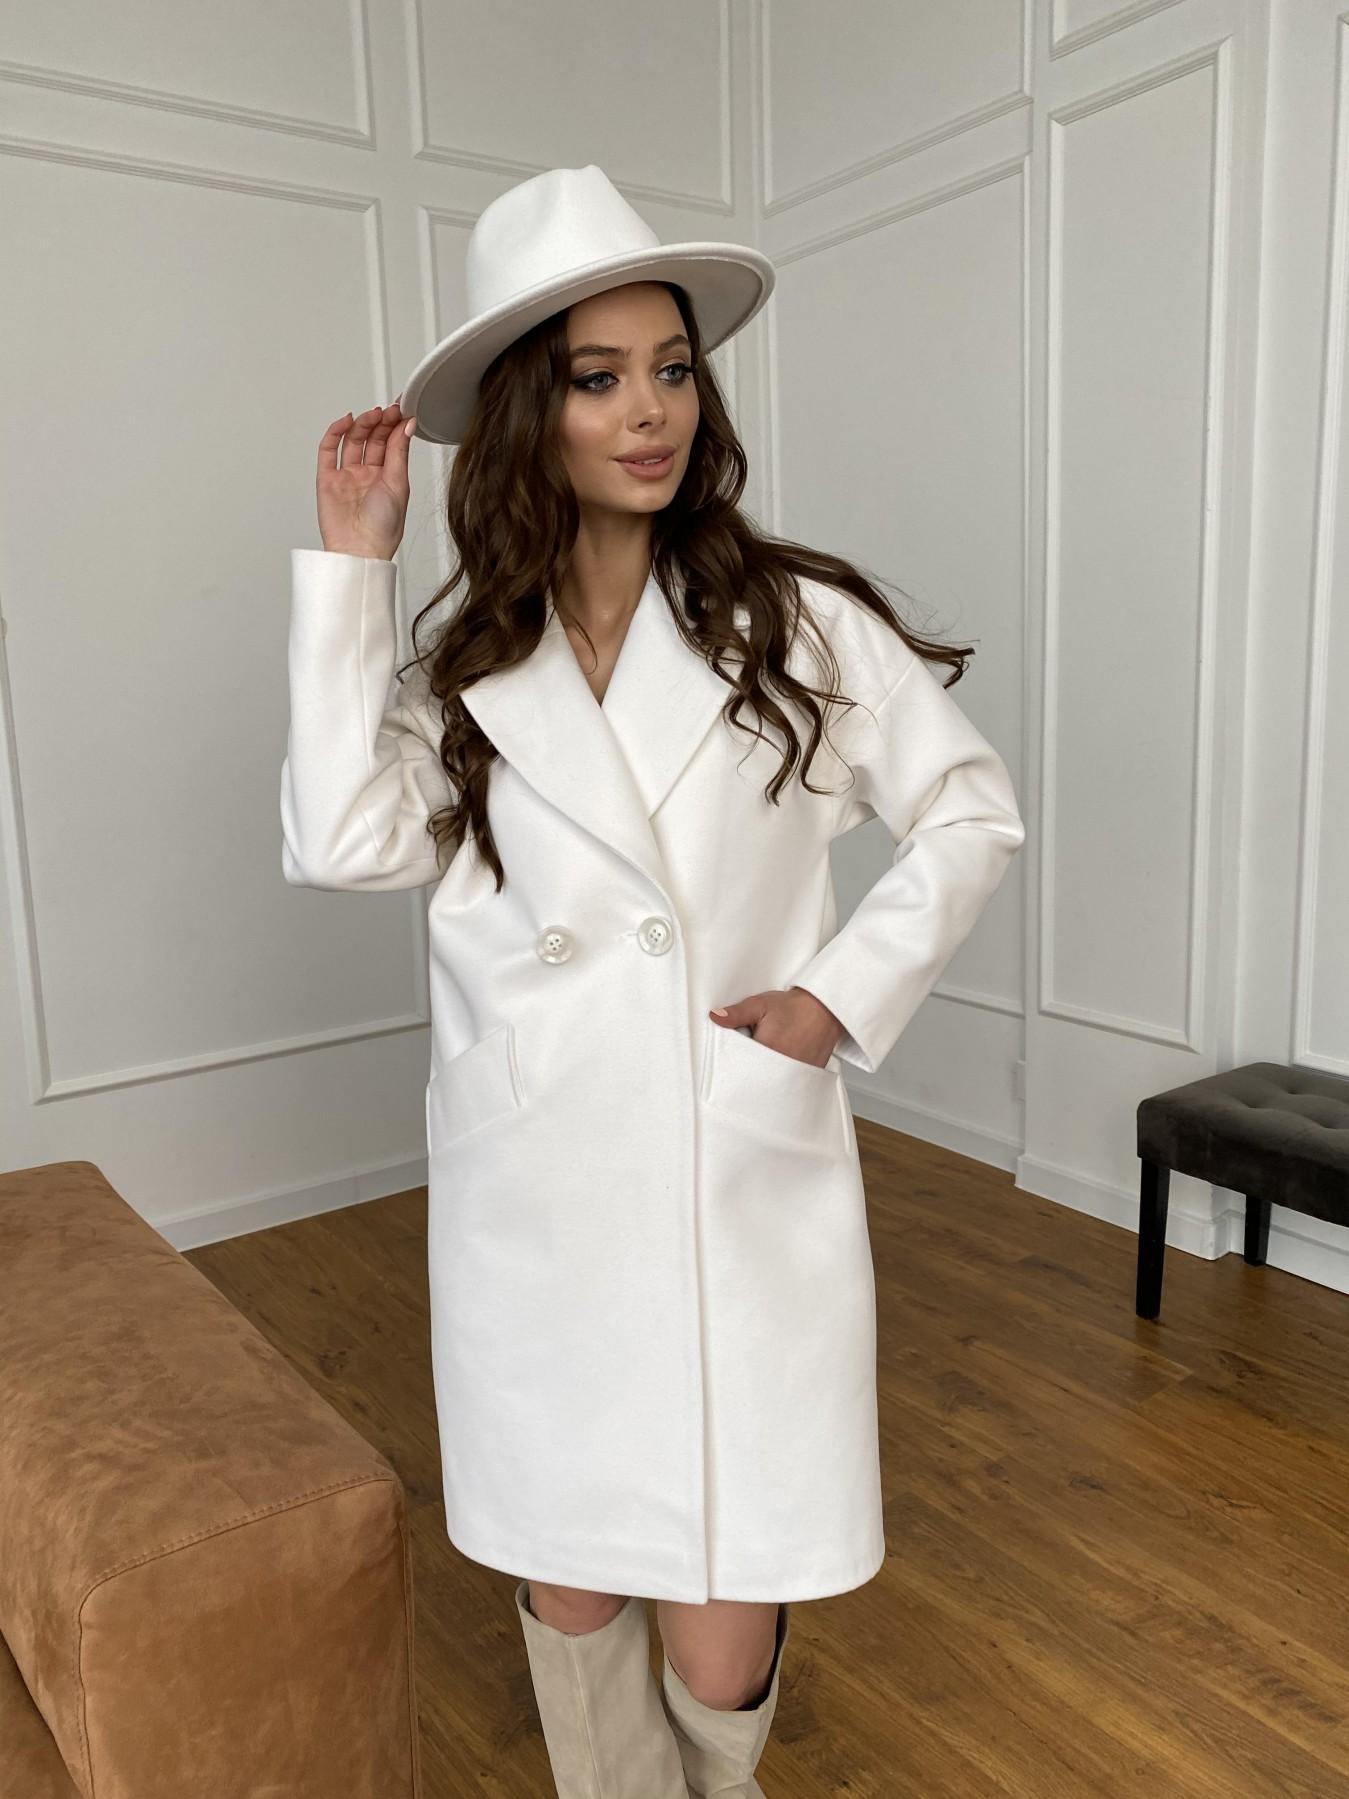 Сенсей пальто  из гладкого кашемира 10774 АРТ. 47501 Цвет: Молоко 1 - фото 3, интернет магазин tm-modus.ru